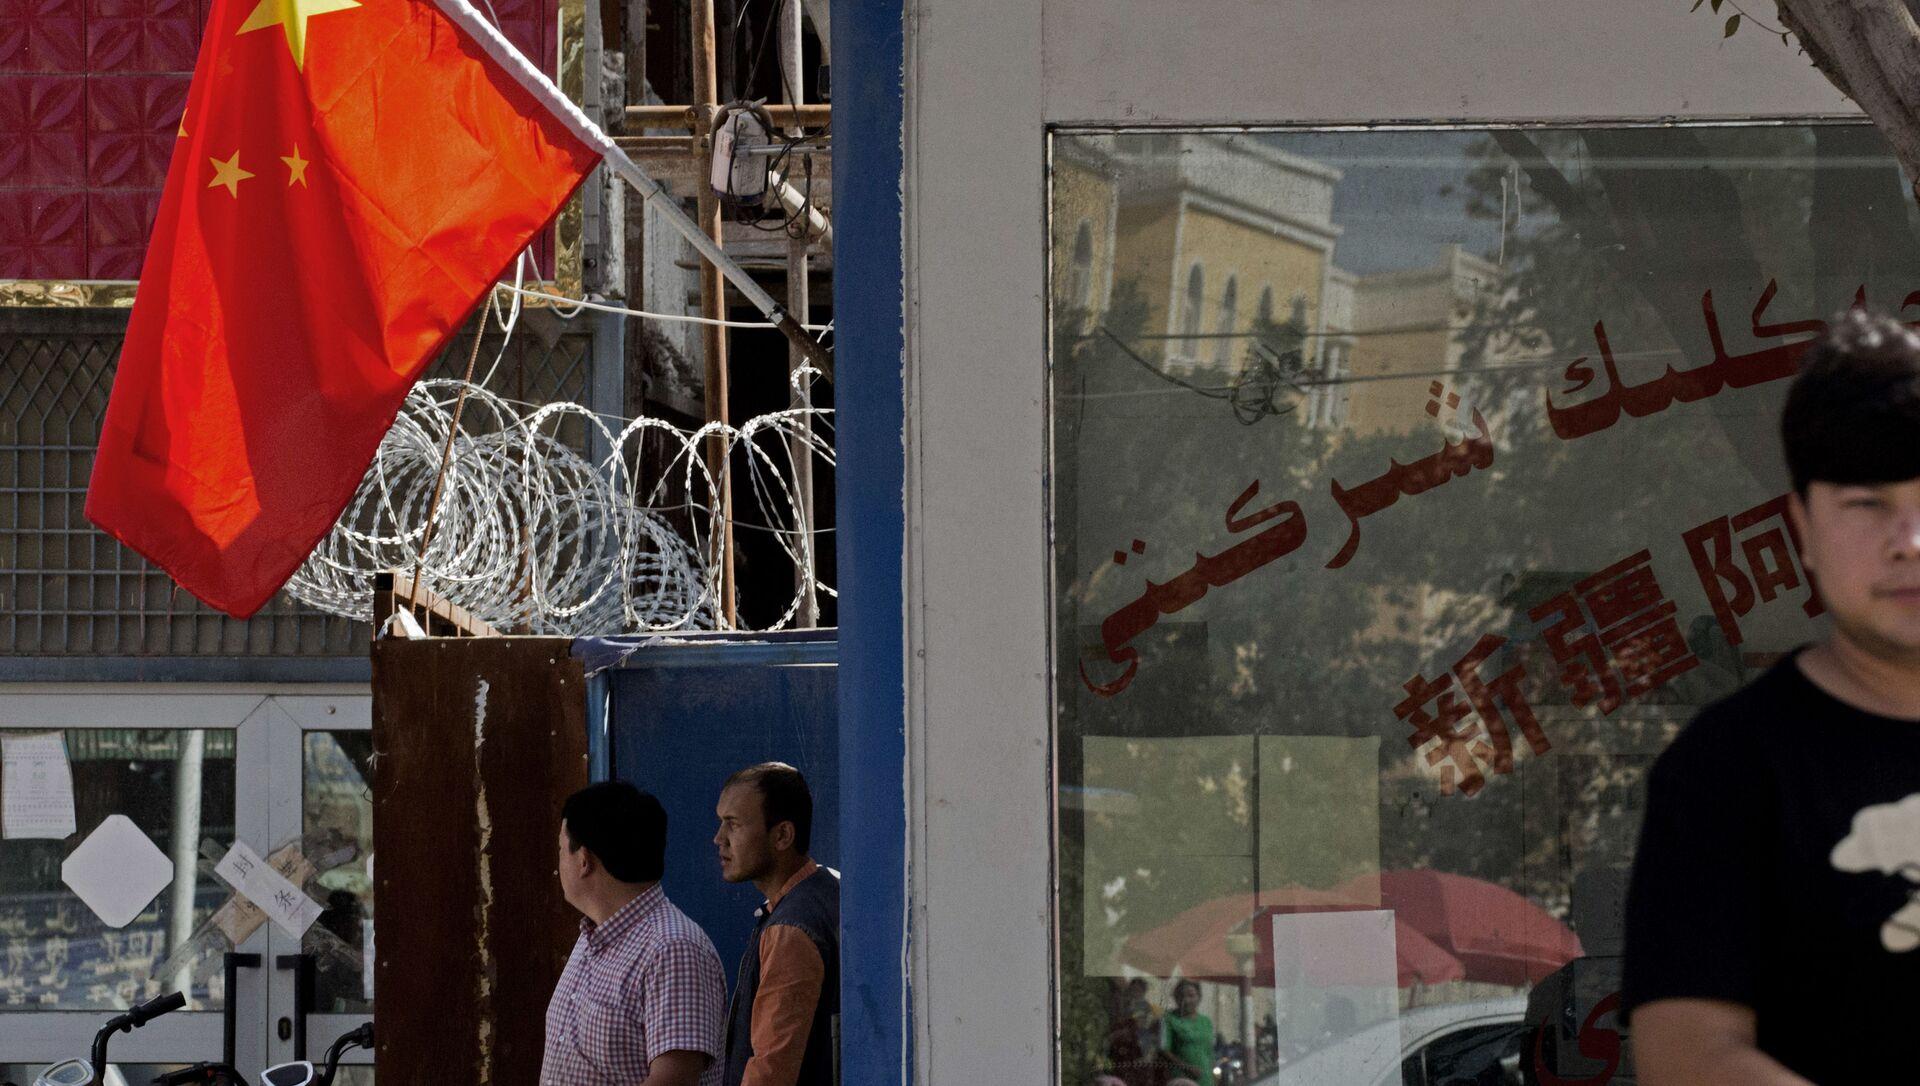 新疆ウイグル自治区当局 いかなる分野でも強制労働はないと表明 - Sputnik 日本, 1920, 10.04.2021